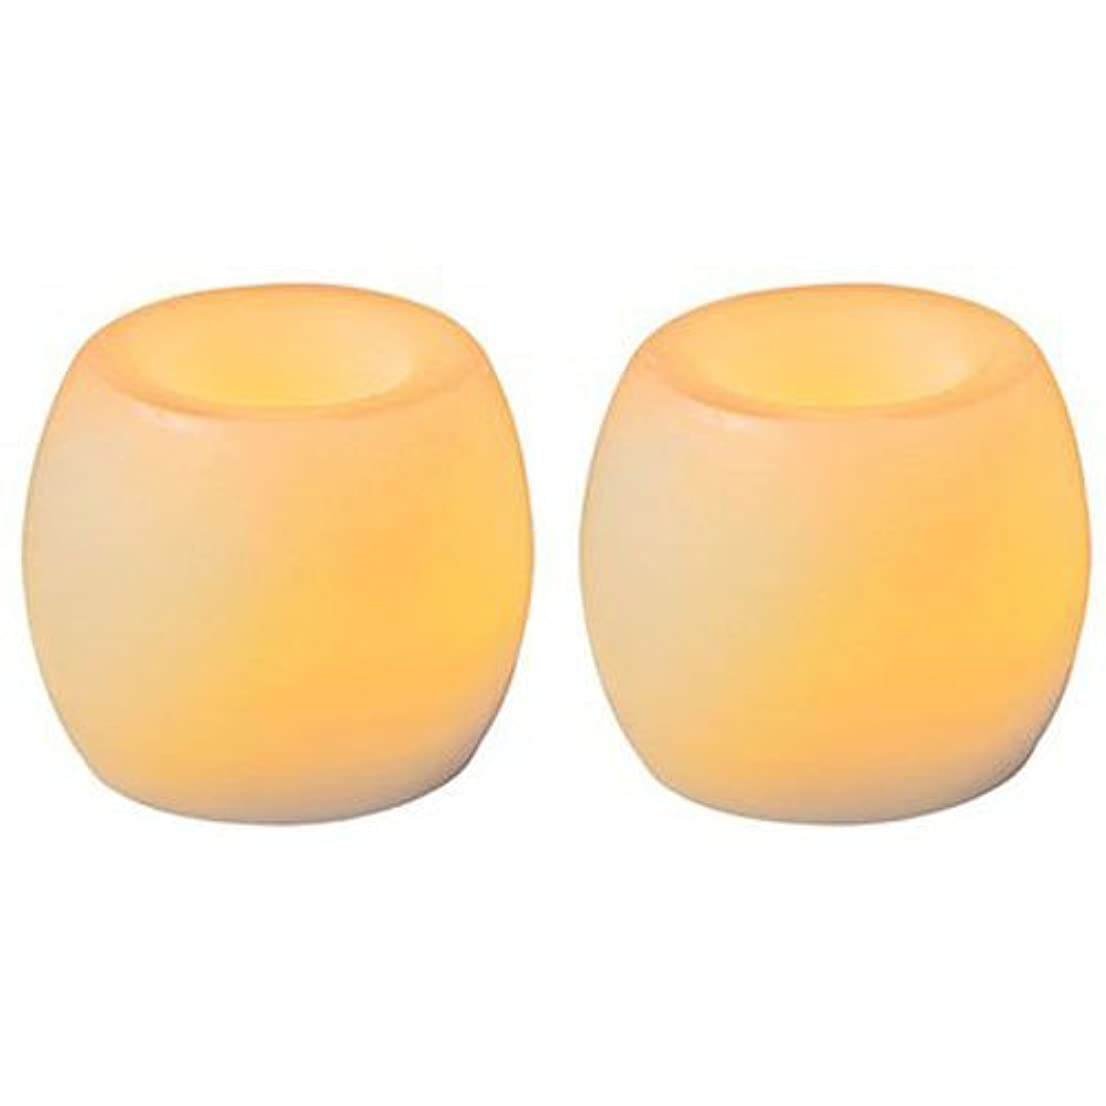 北西葉巻分類するInglow Flameless Mini Curved SquaresバニラScented Candle 2 - Pack 1 ベージュ CG24101CR201